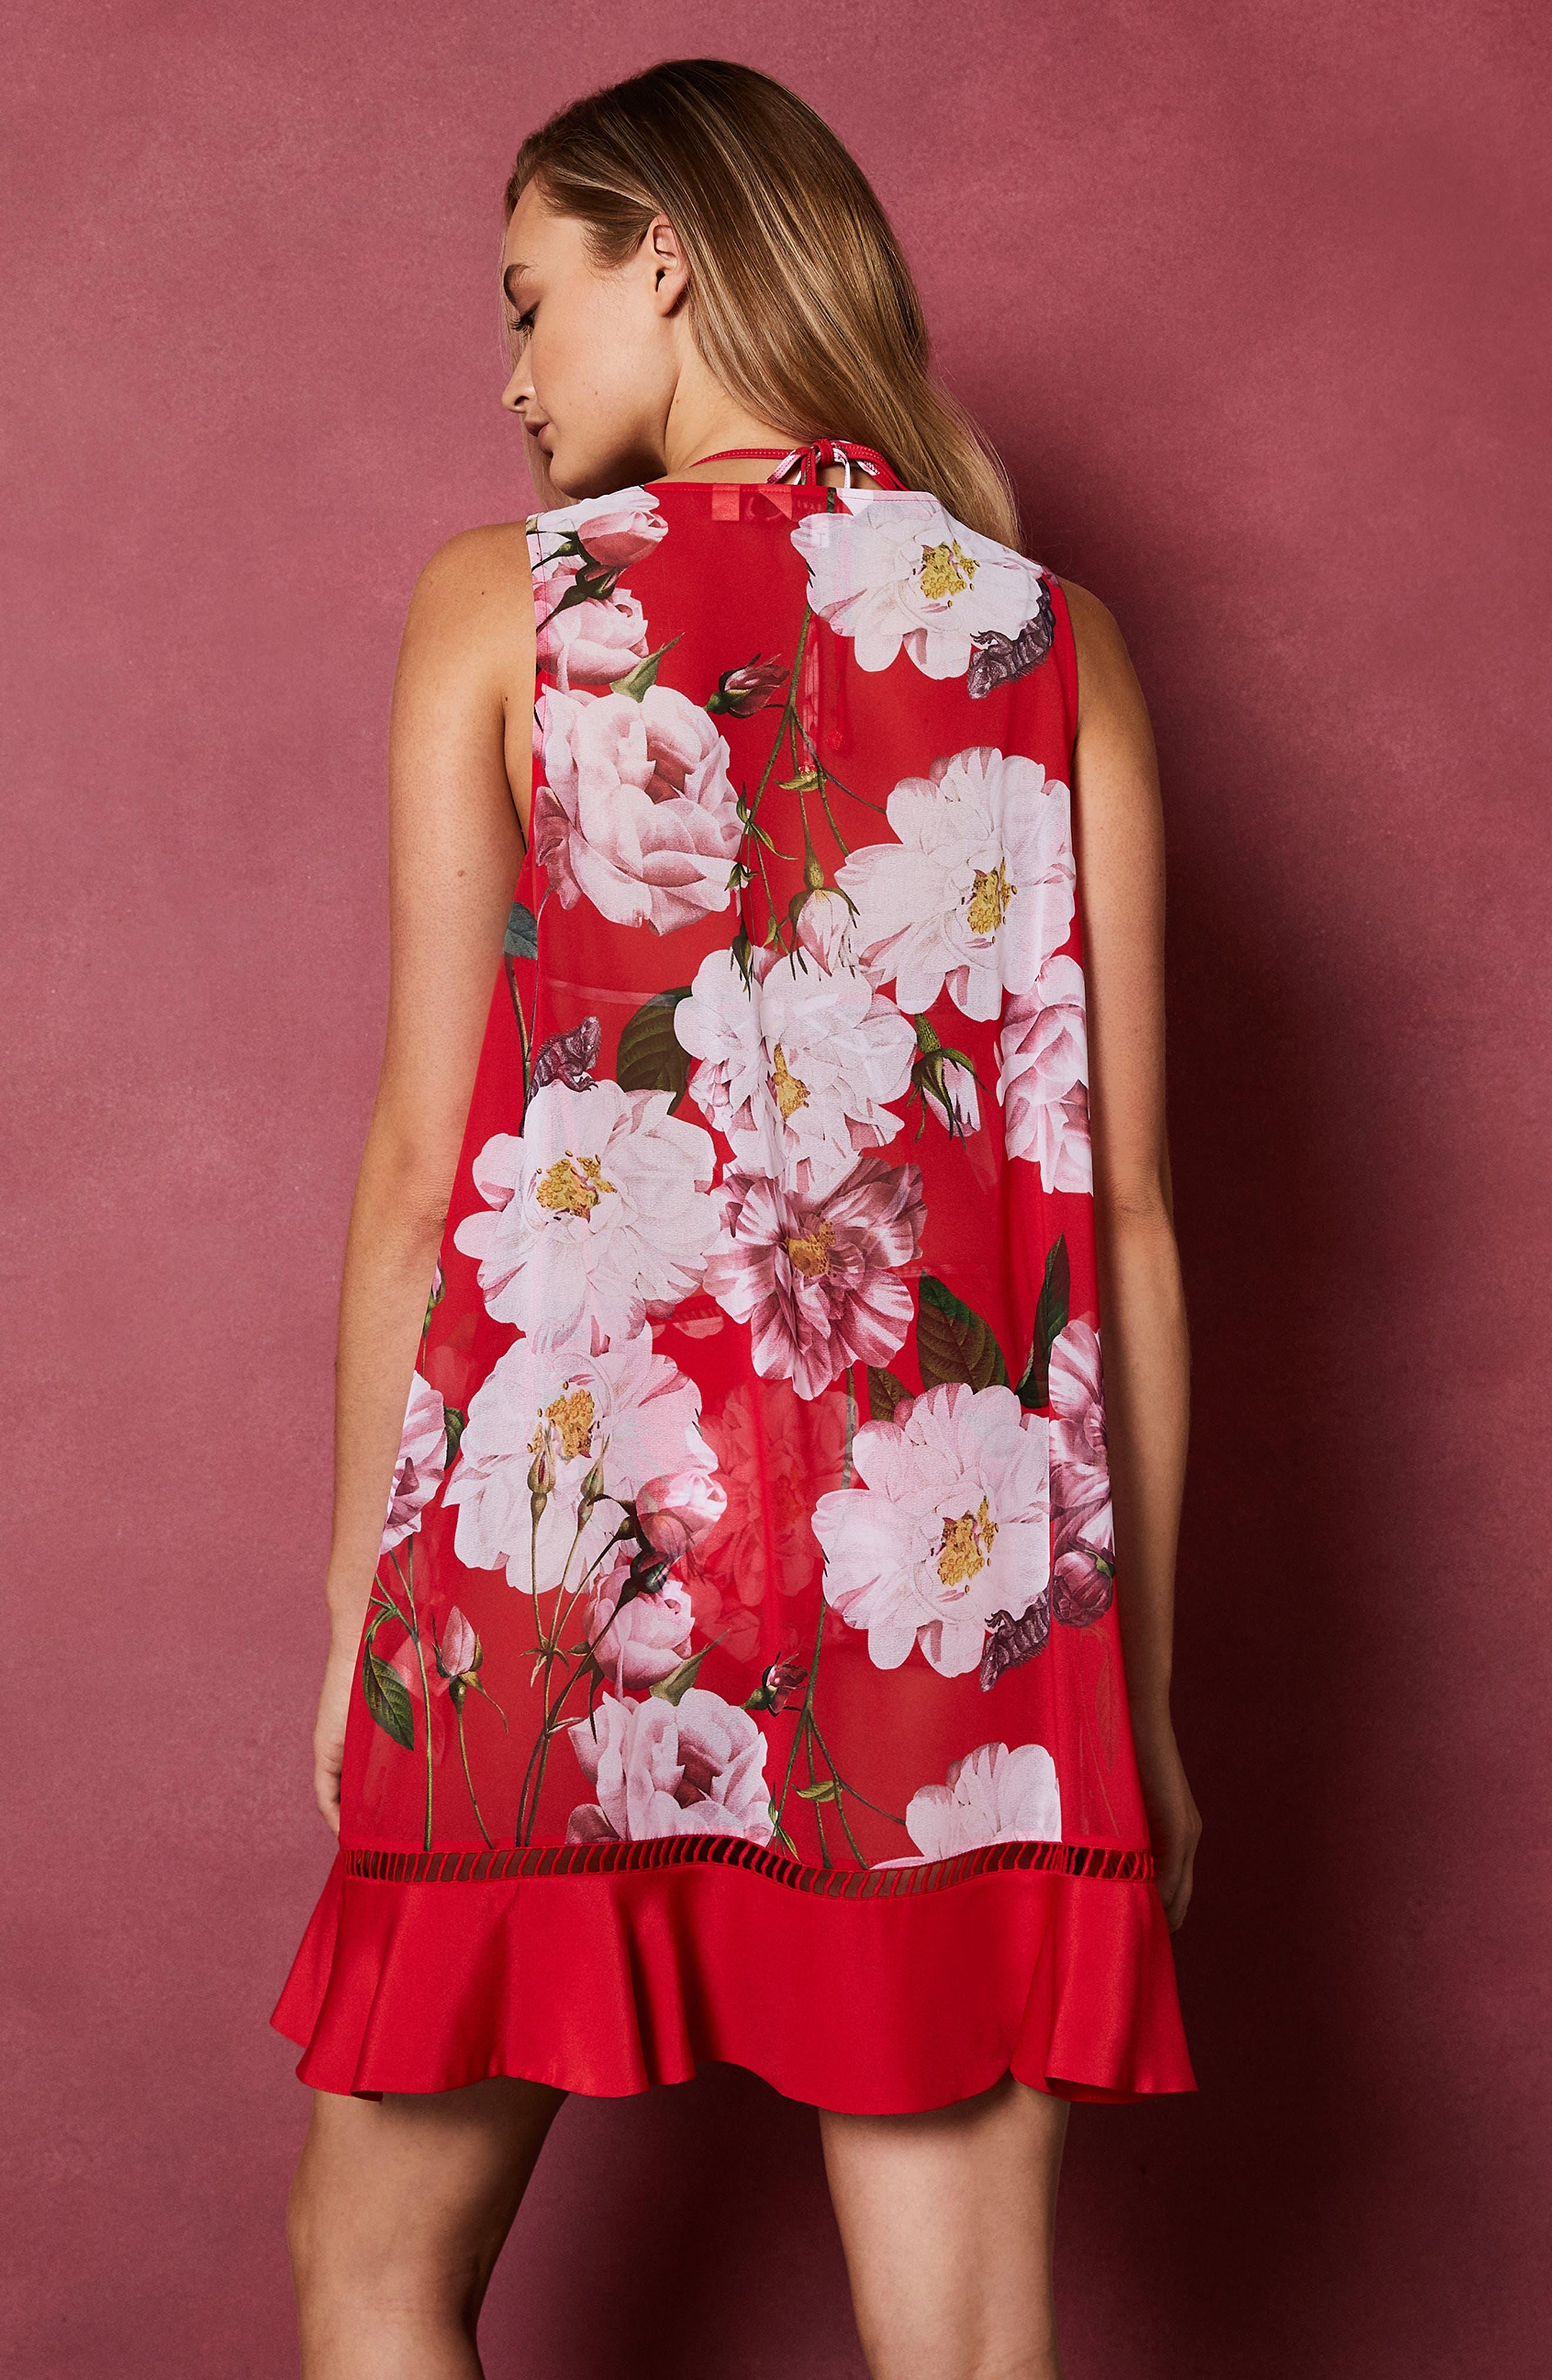 Ceskier Iguazu Cover-Up Dress,                             Alternate thumbnail 8, color,                             611